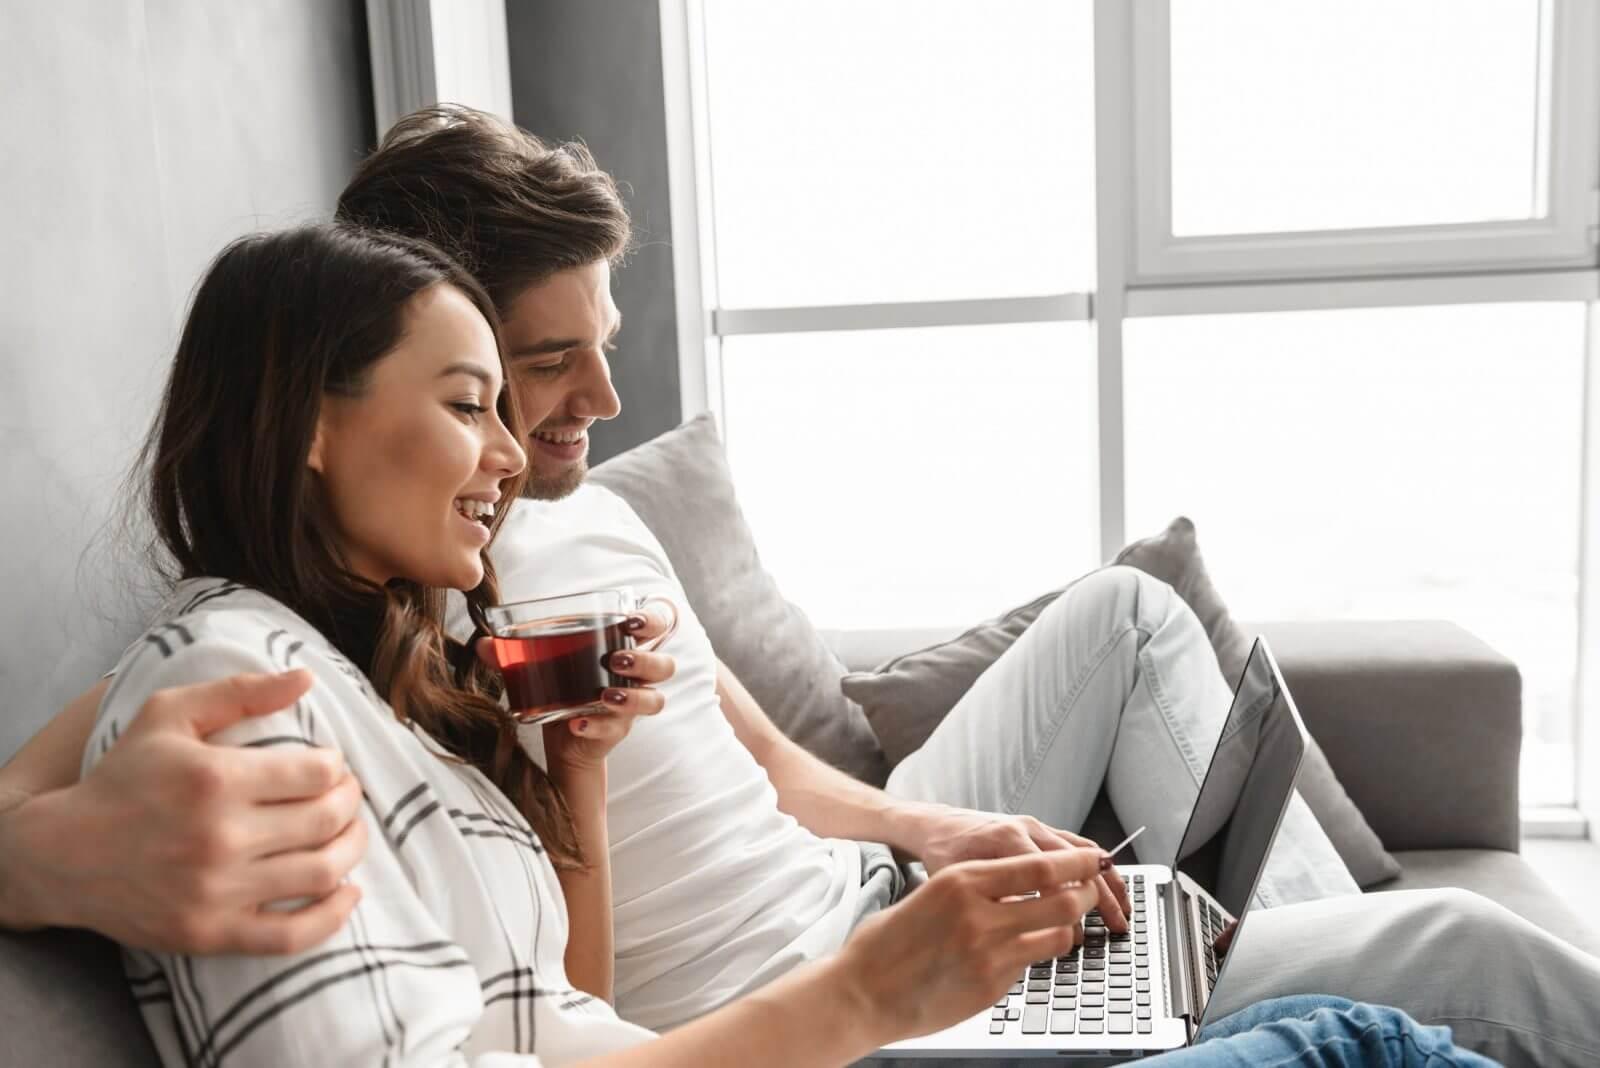 Kredyty gotówkowe Częstochowa - bezpłatne porównanie